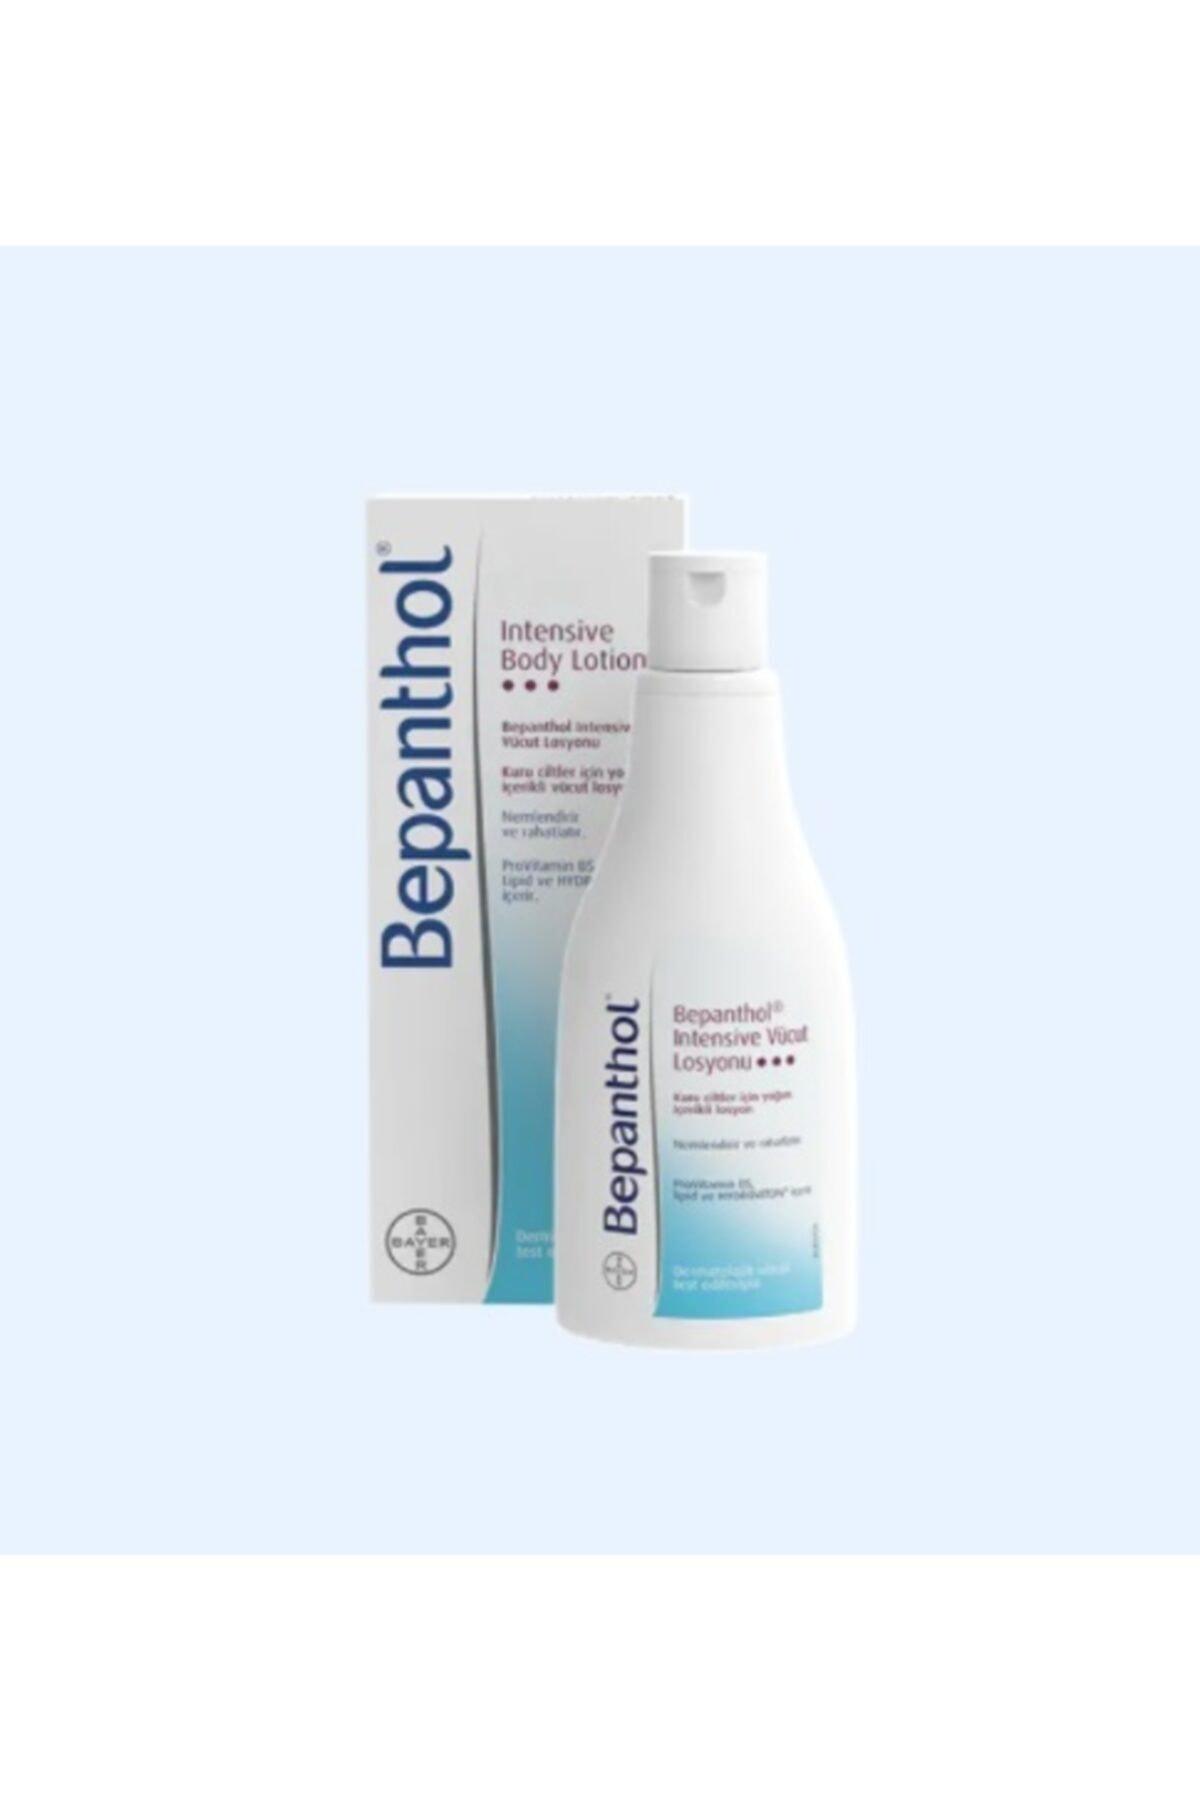 Bepanthol Body Lotion F Nemlendirici Vücut Losyonu 200 ml 1